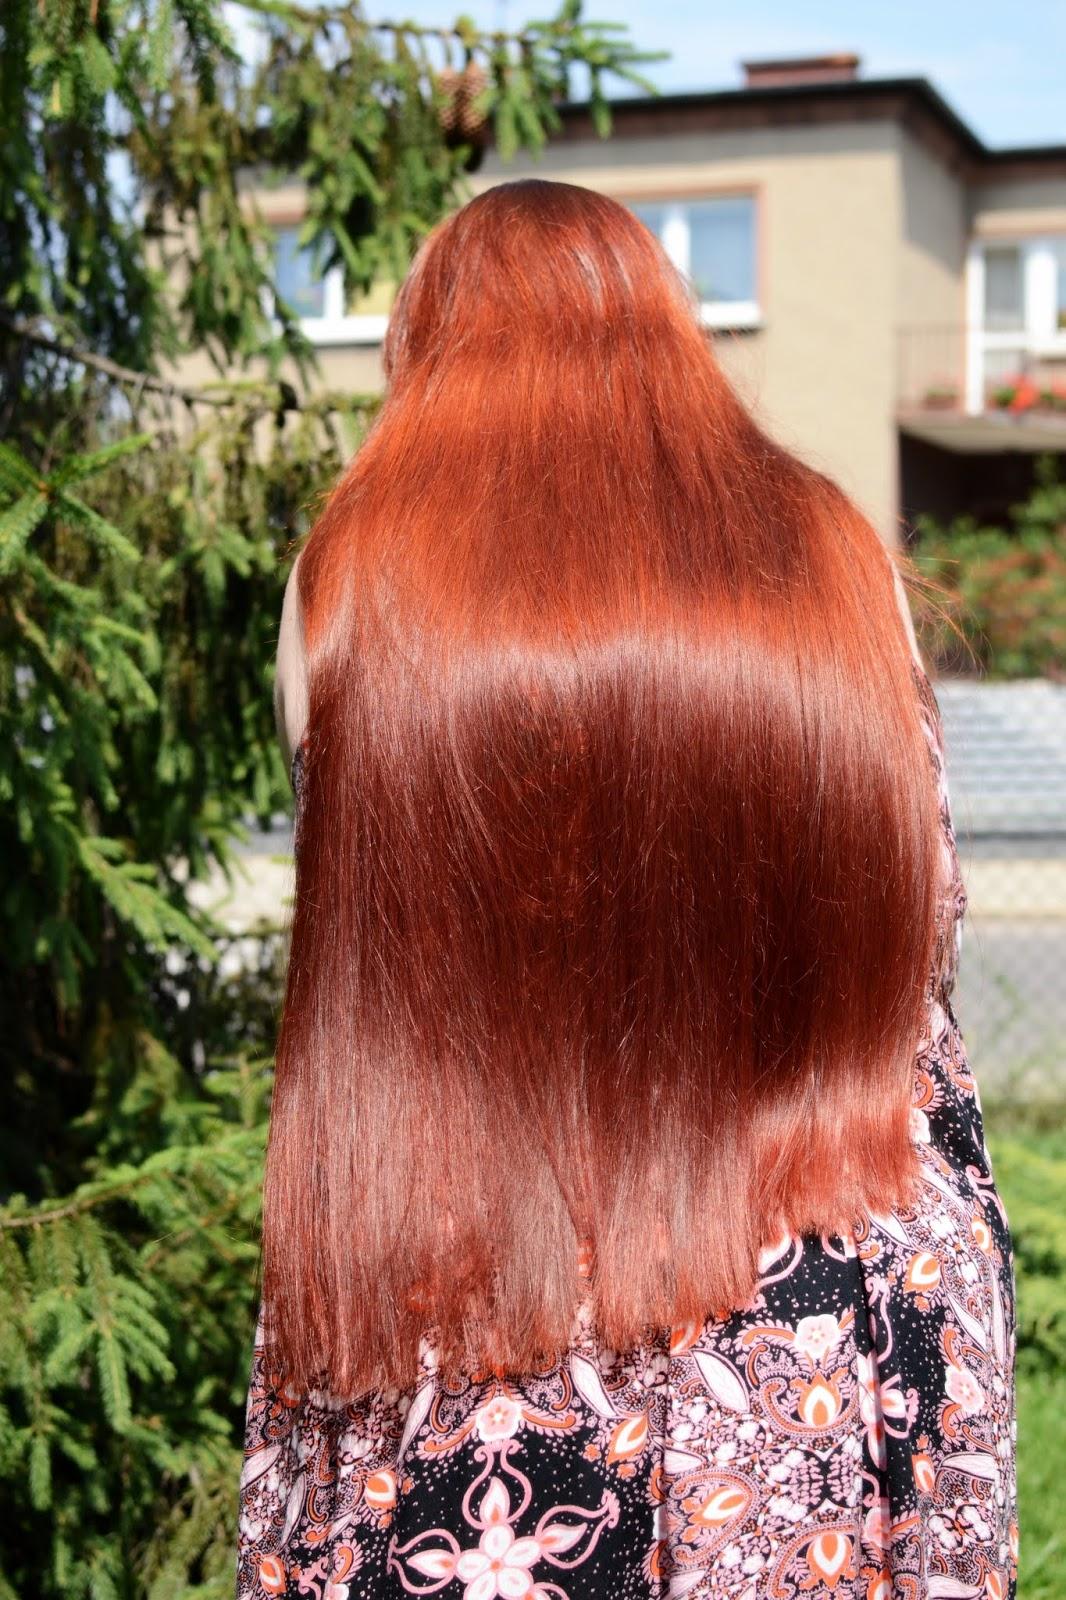 OBCIĘŁAM WŁOSY - zdjęcia z nową długością, dlaczego skróciłam włosy, czy żałuję?